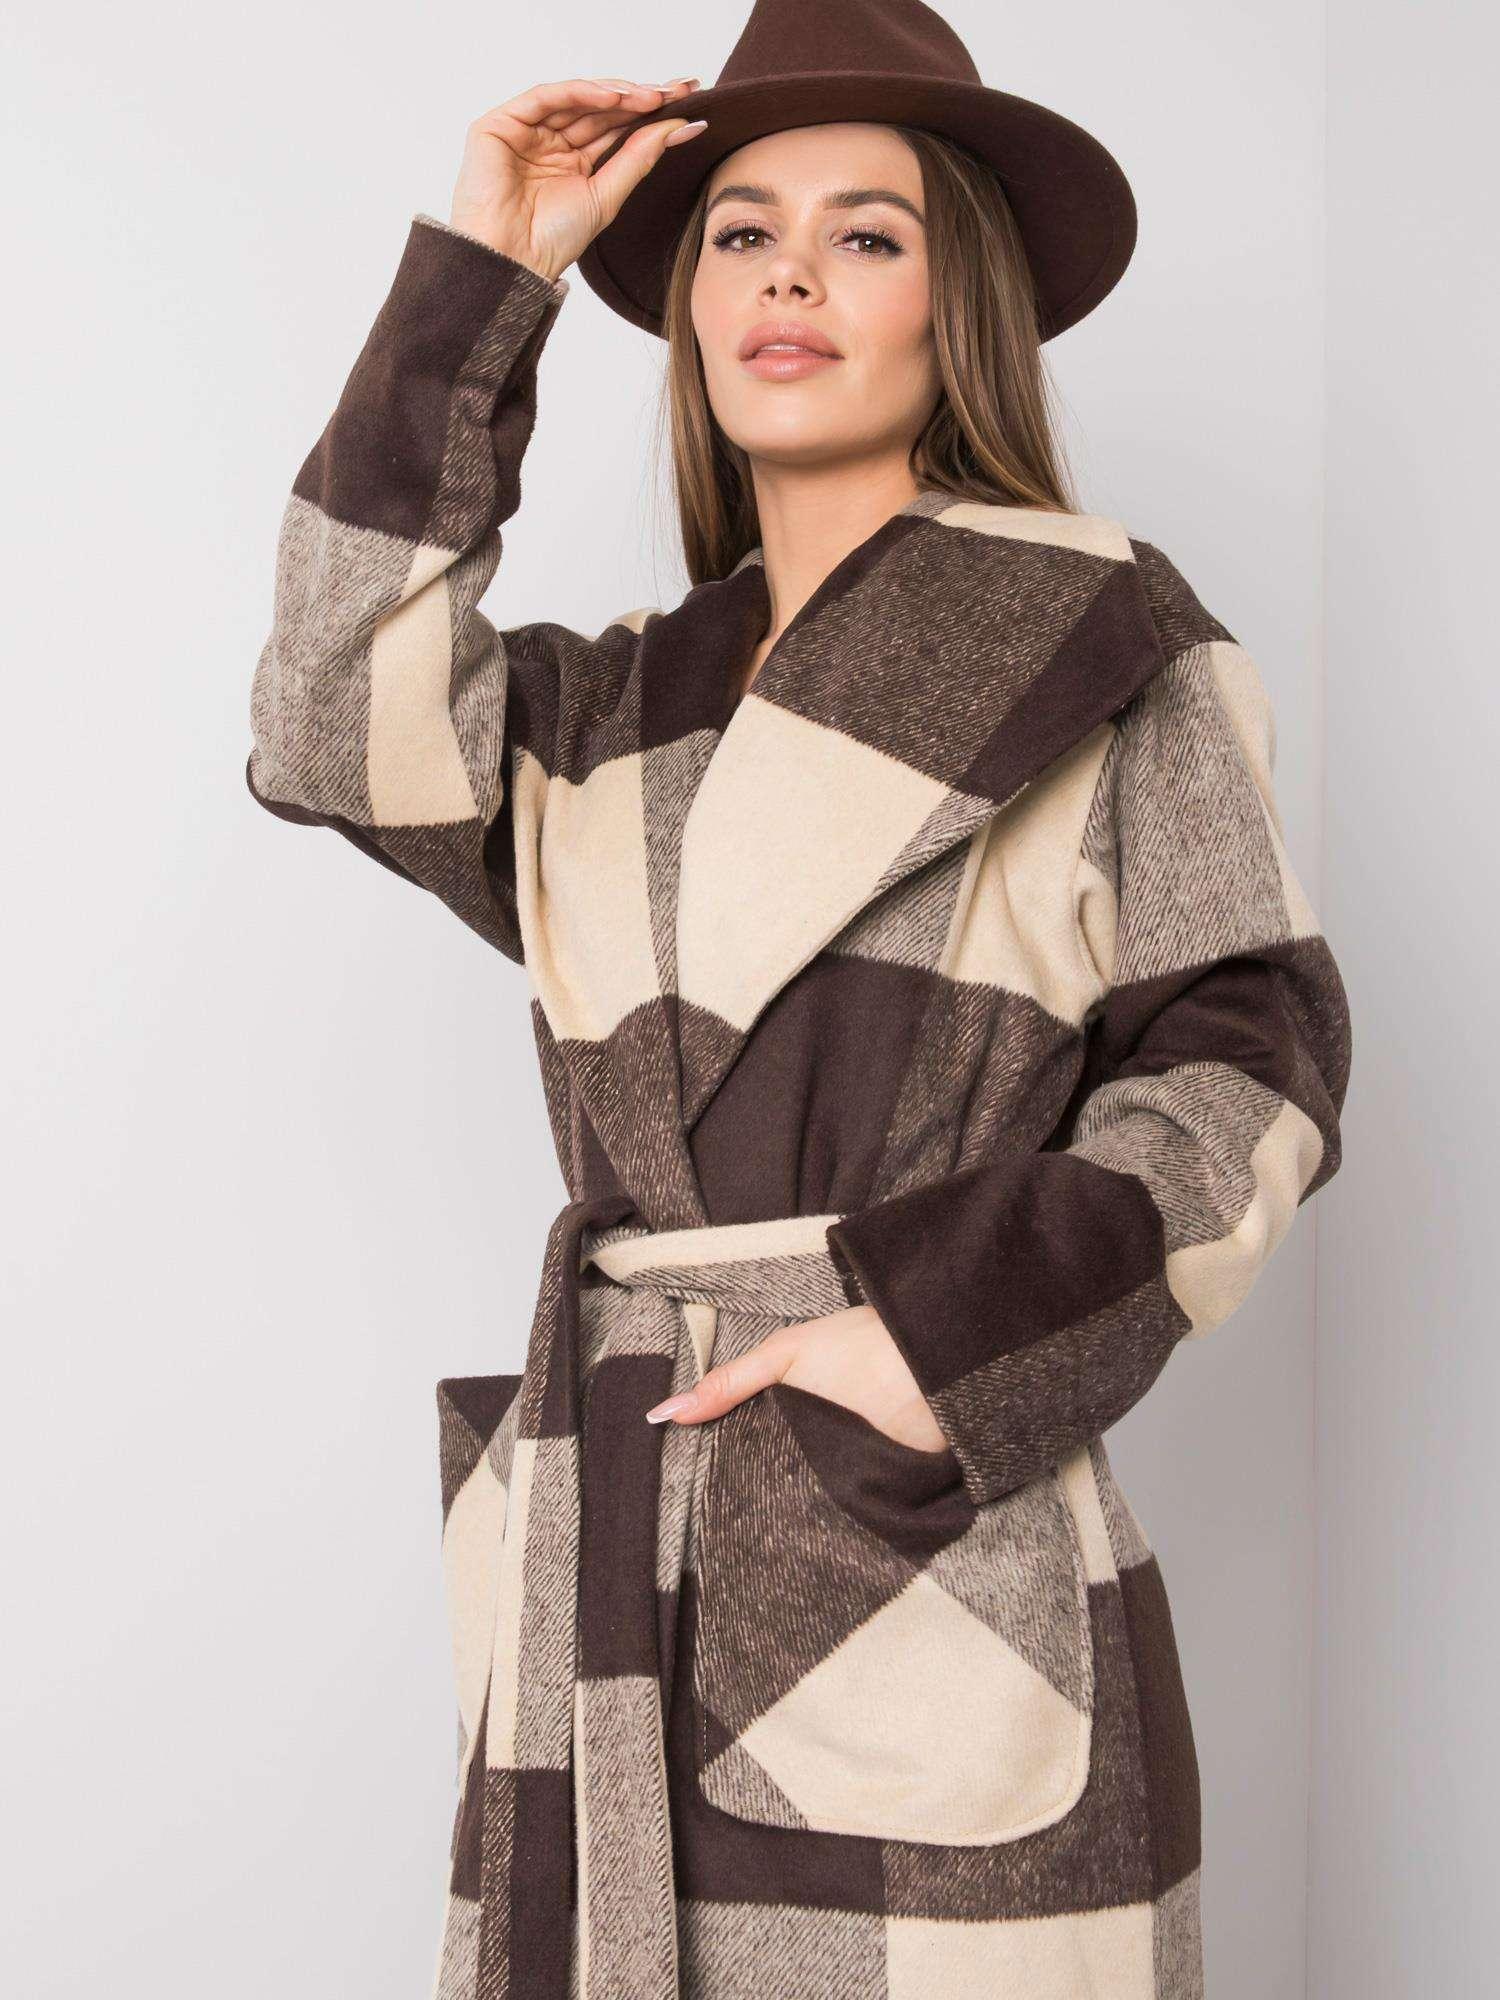 Béžový a hnědý kostkovaný plášť